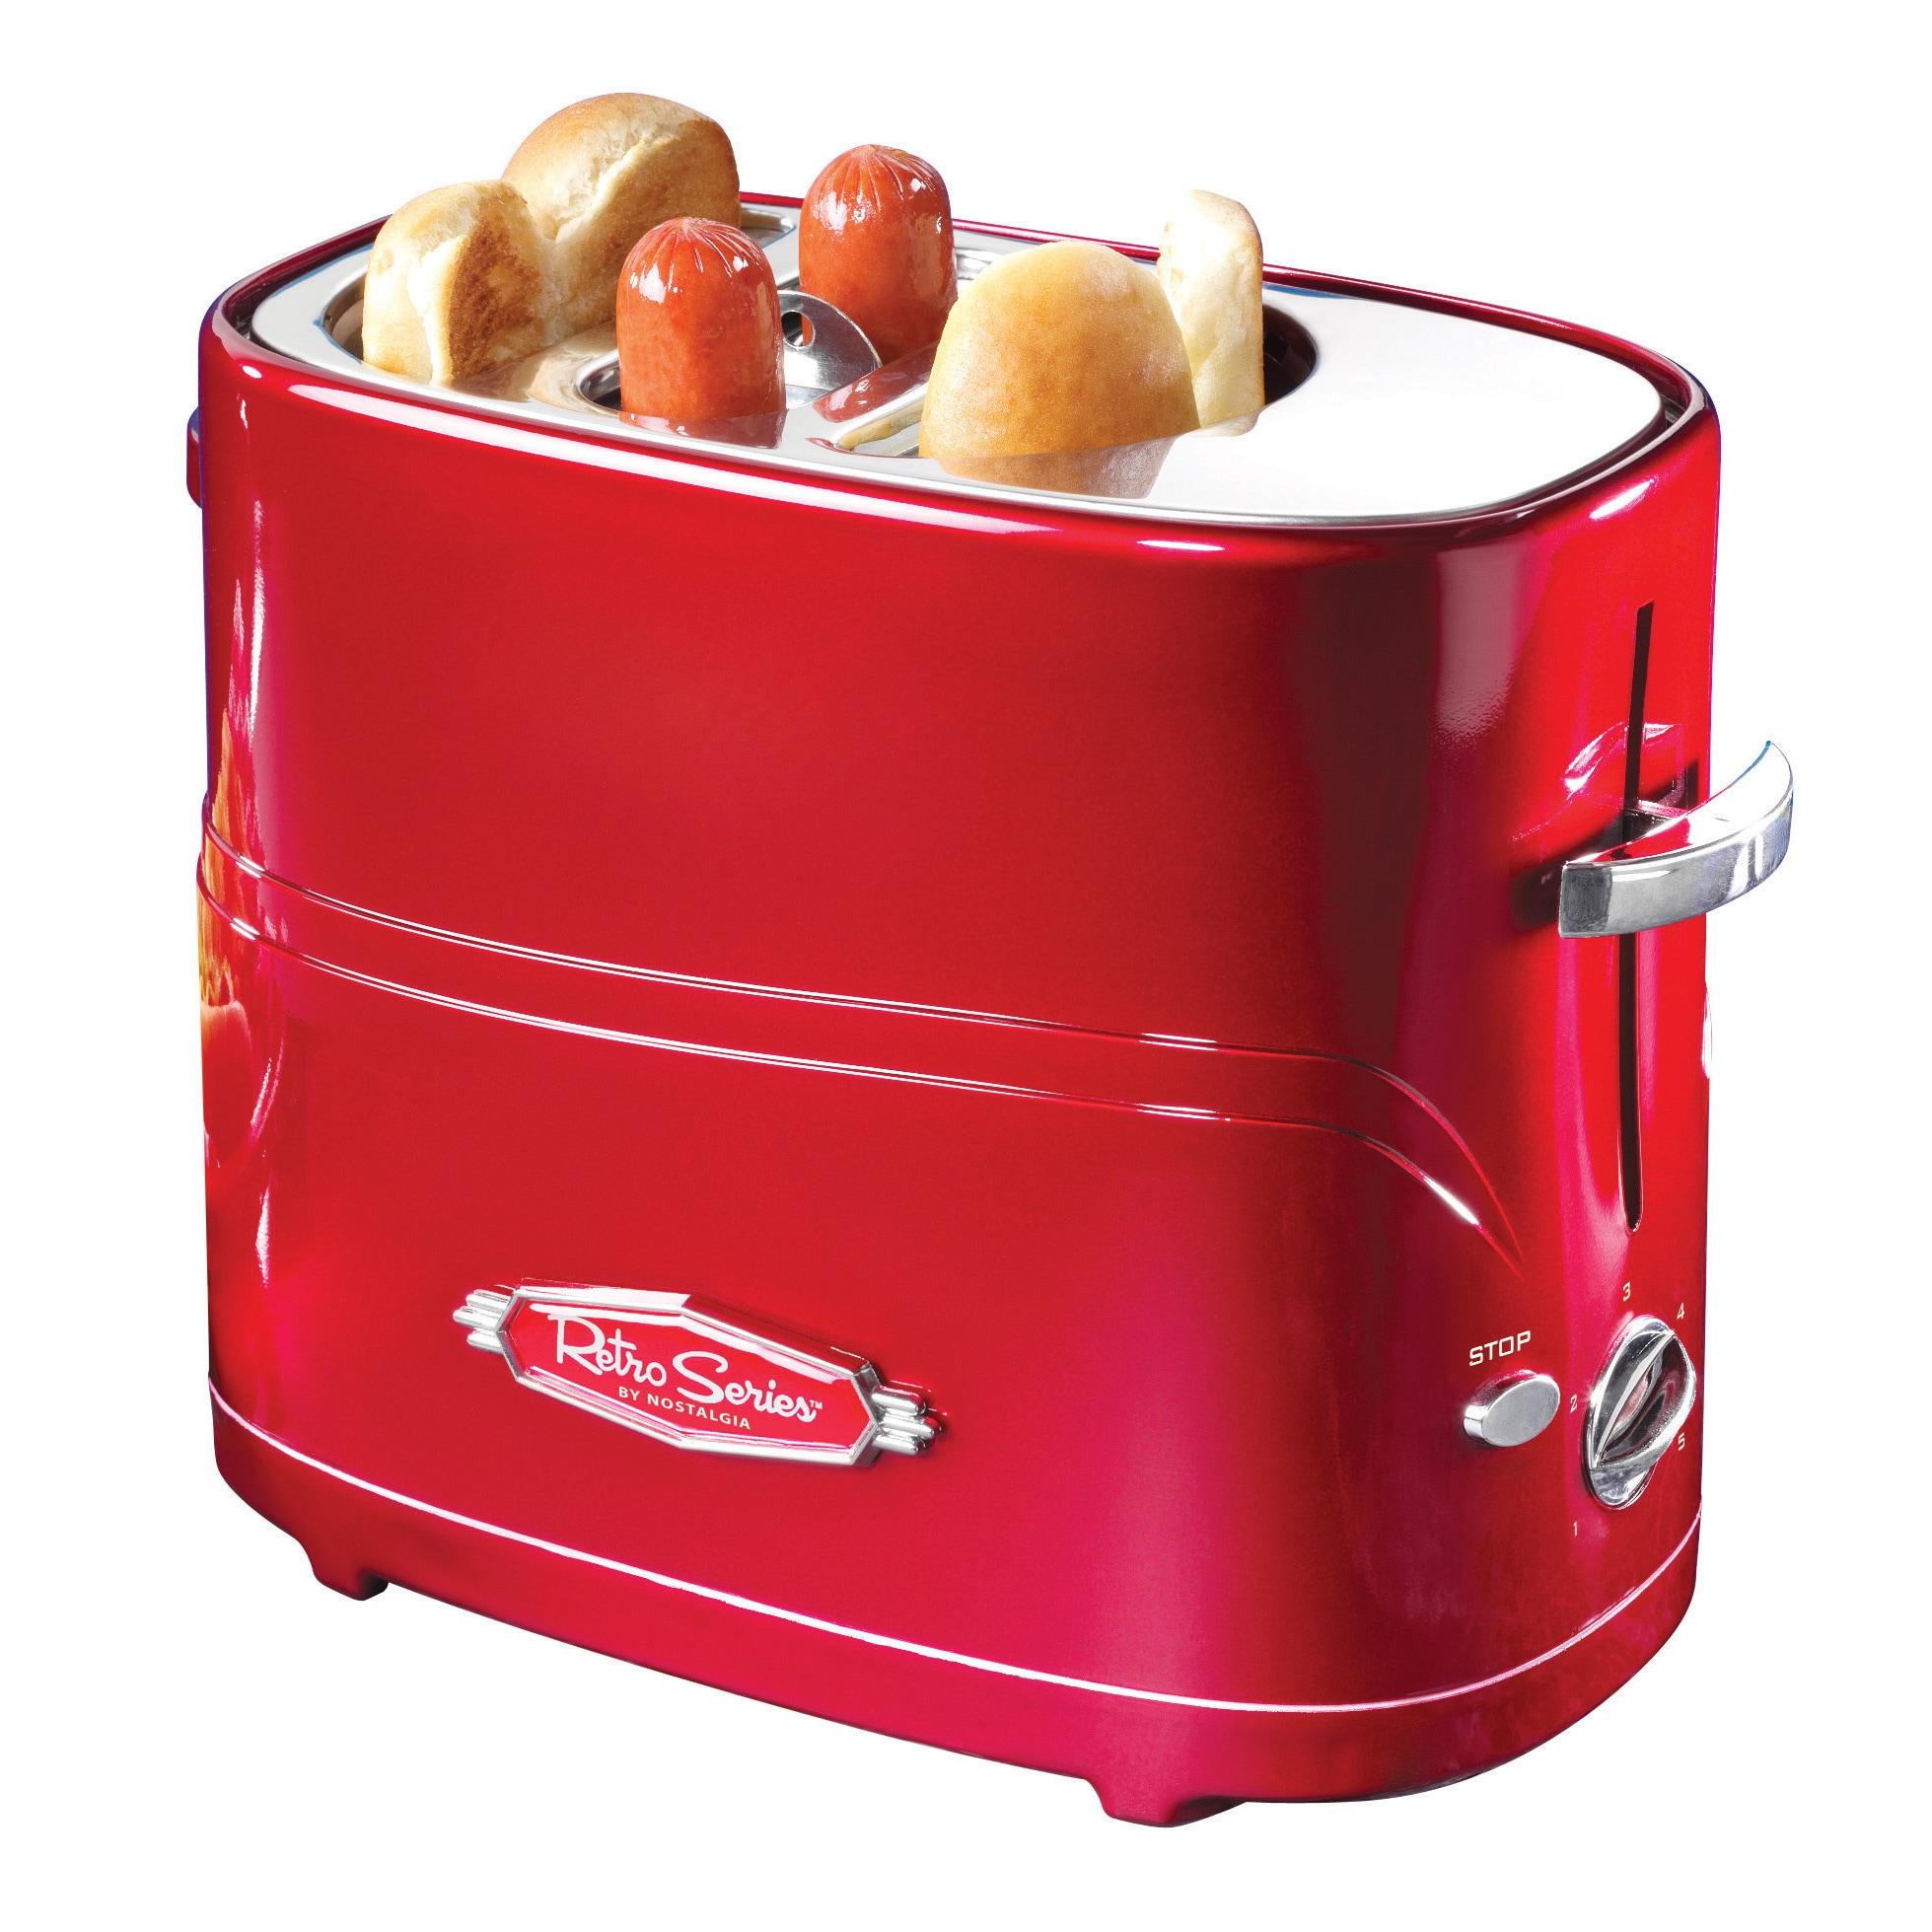 Nostalgia HDT600RETRORED Retro Series Pop-Up Hot Dog Toas...